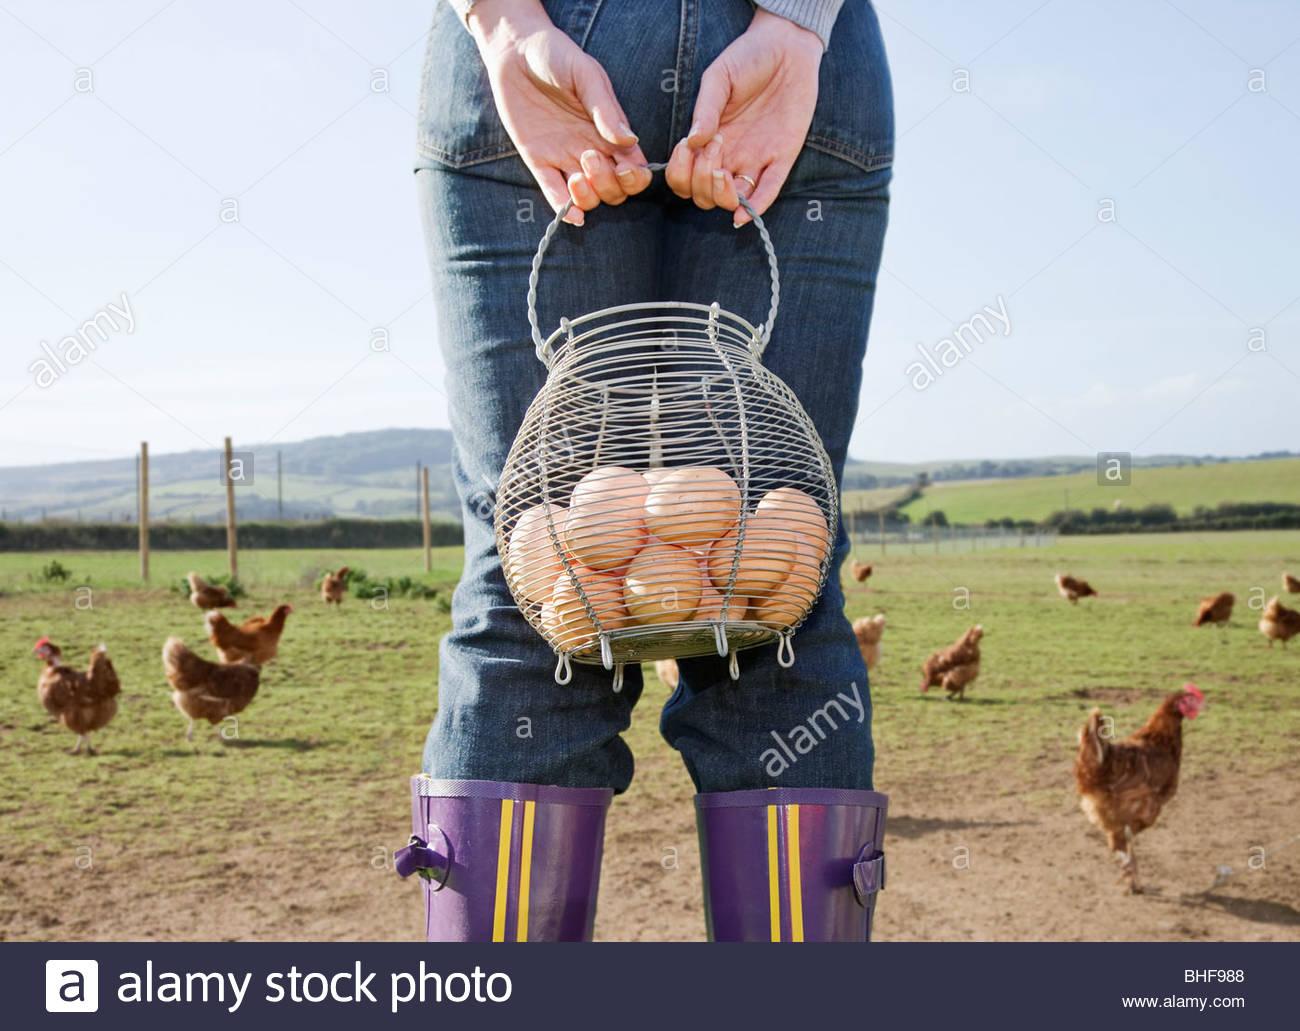 Landwirt Holding Korb mit Eiern in der Nähe von Hühnern Stockbild